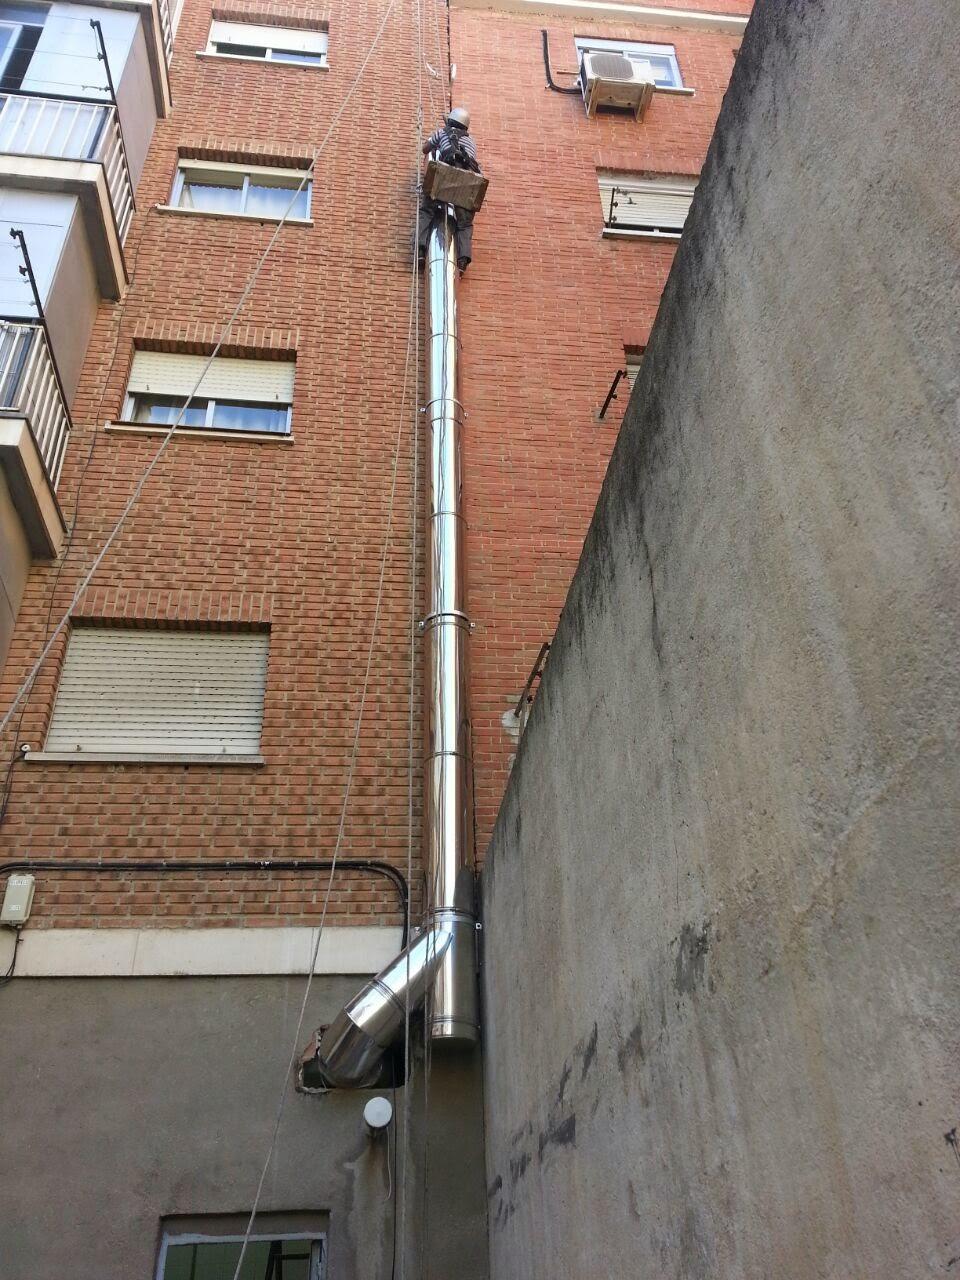 Mjs extracci n tubos de doble capa normativa ei 30 - Extraccion de humos y ventilacion de cocinas ...